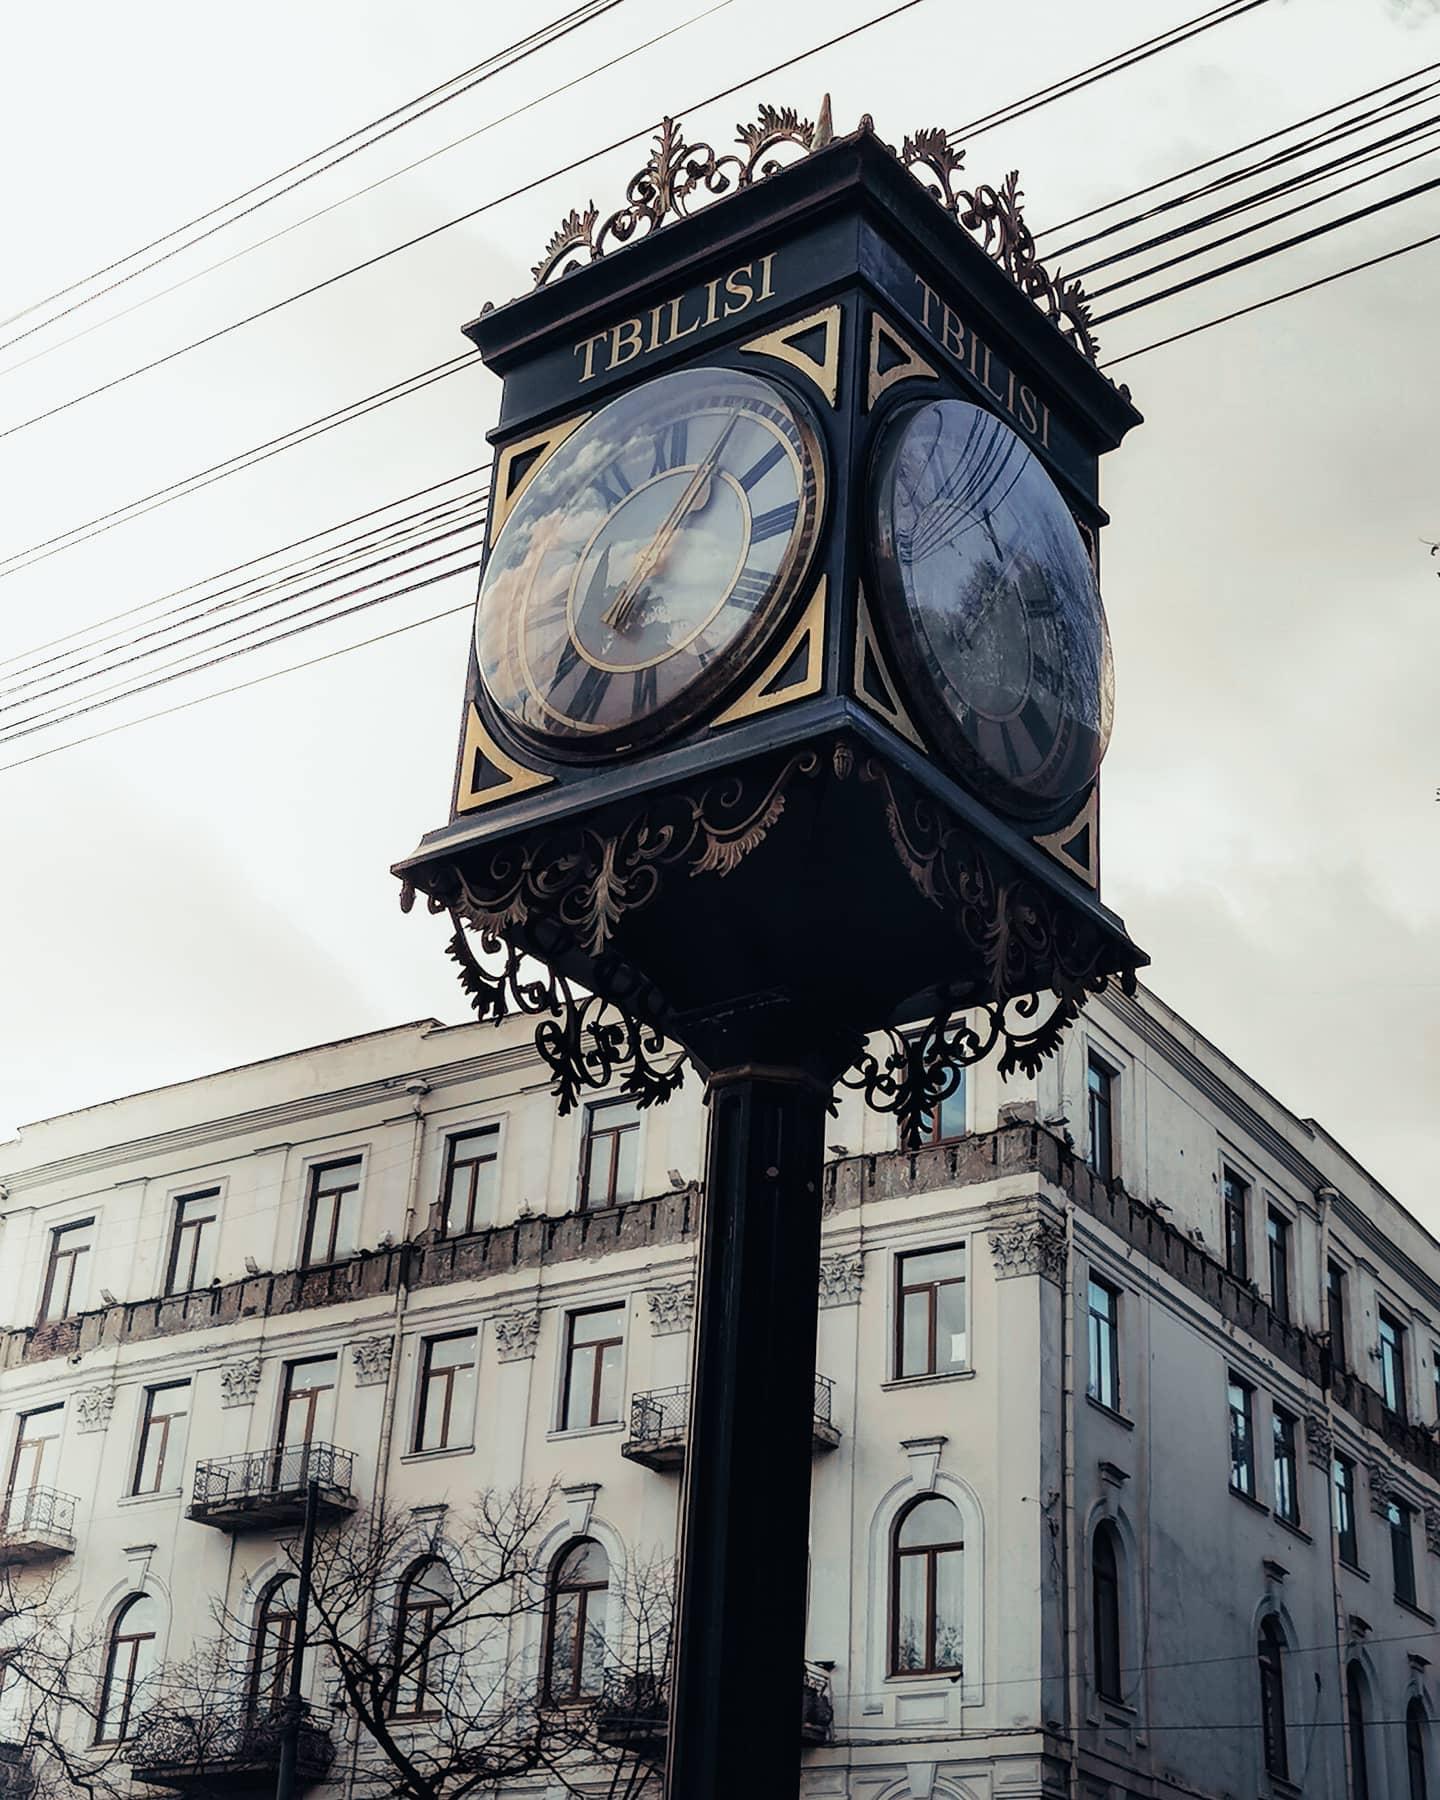 Zurück in Tbilisi! In einer Woche geht das Semester los 👩🏼🎓…